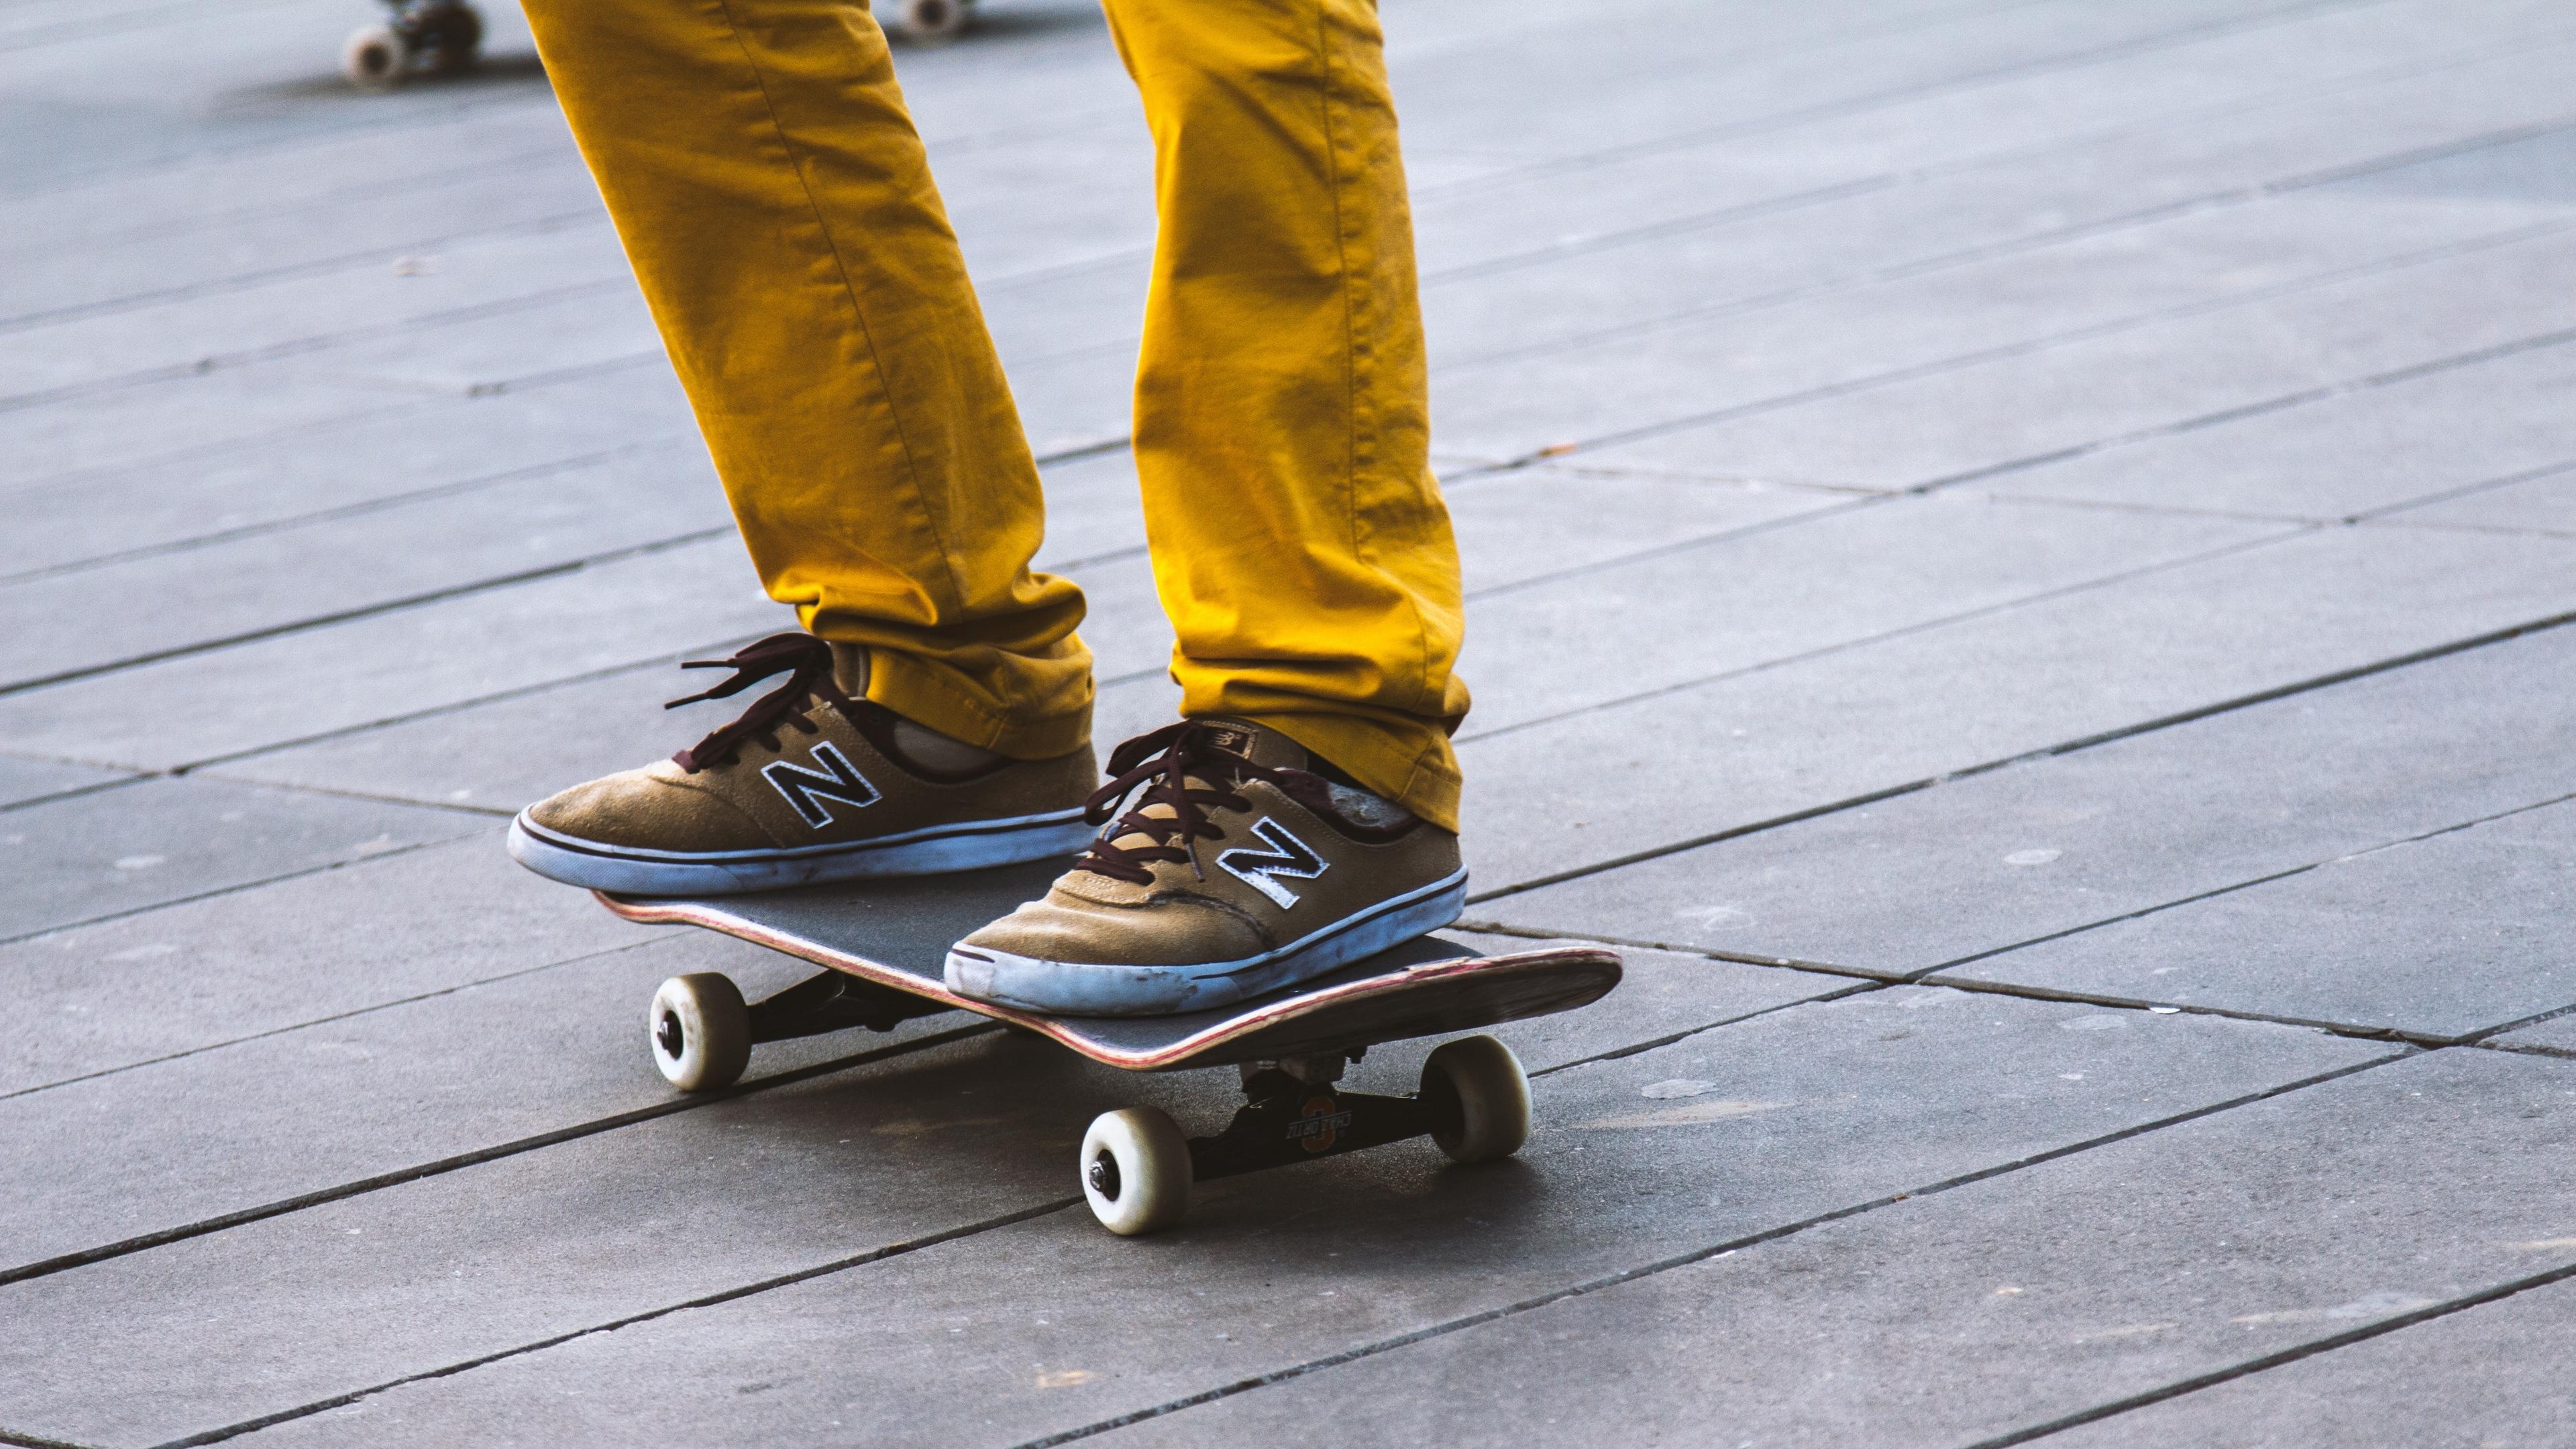 skateboard sneakers legs 4k 1540060848 - skateboard, sneakers, legs 4k - sneakers, skateboard, legs